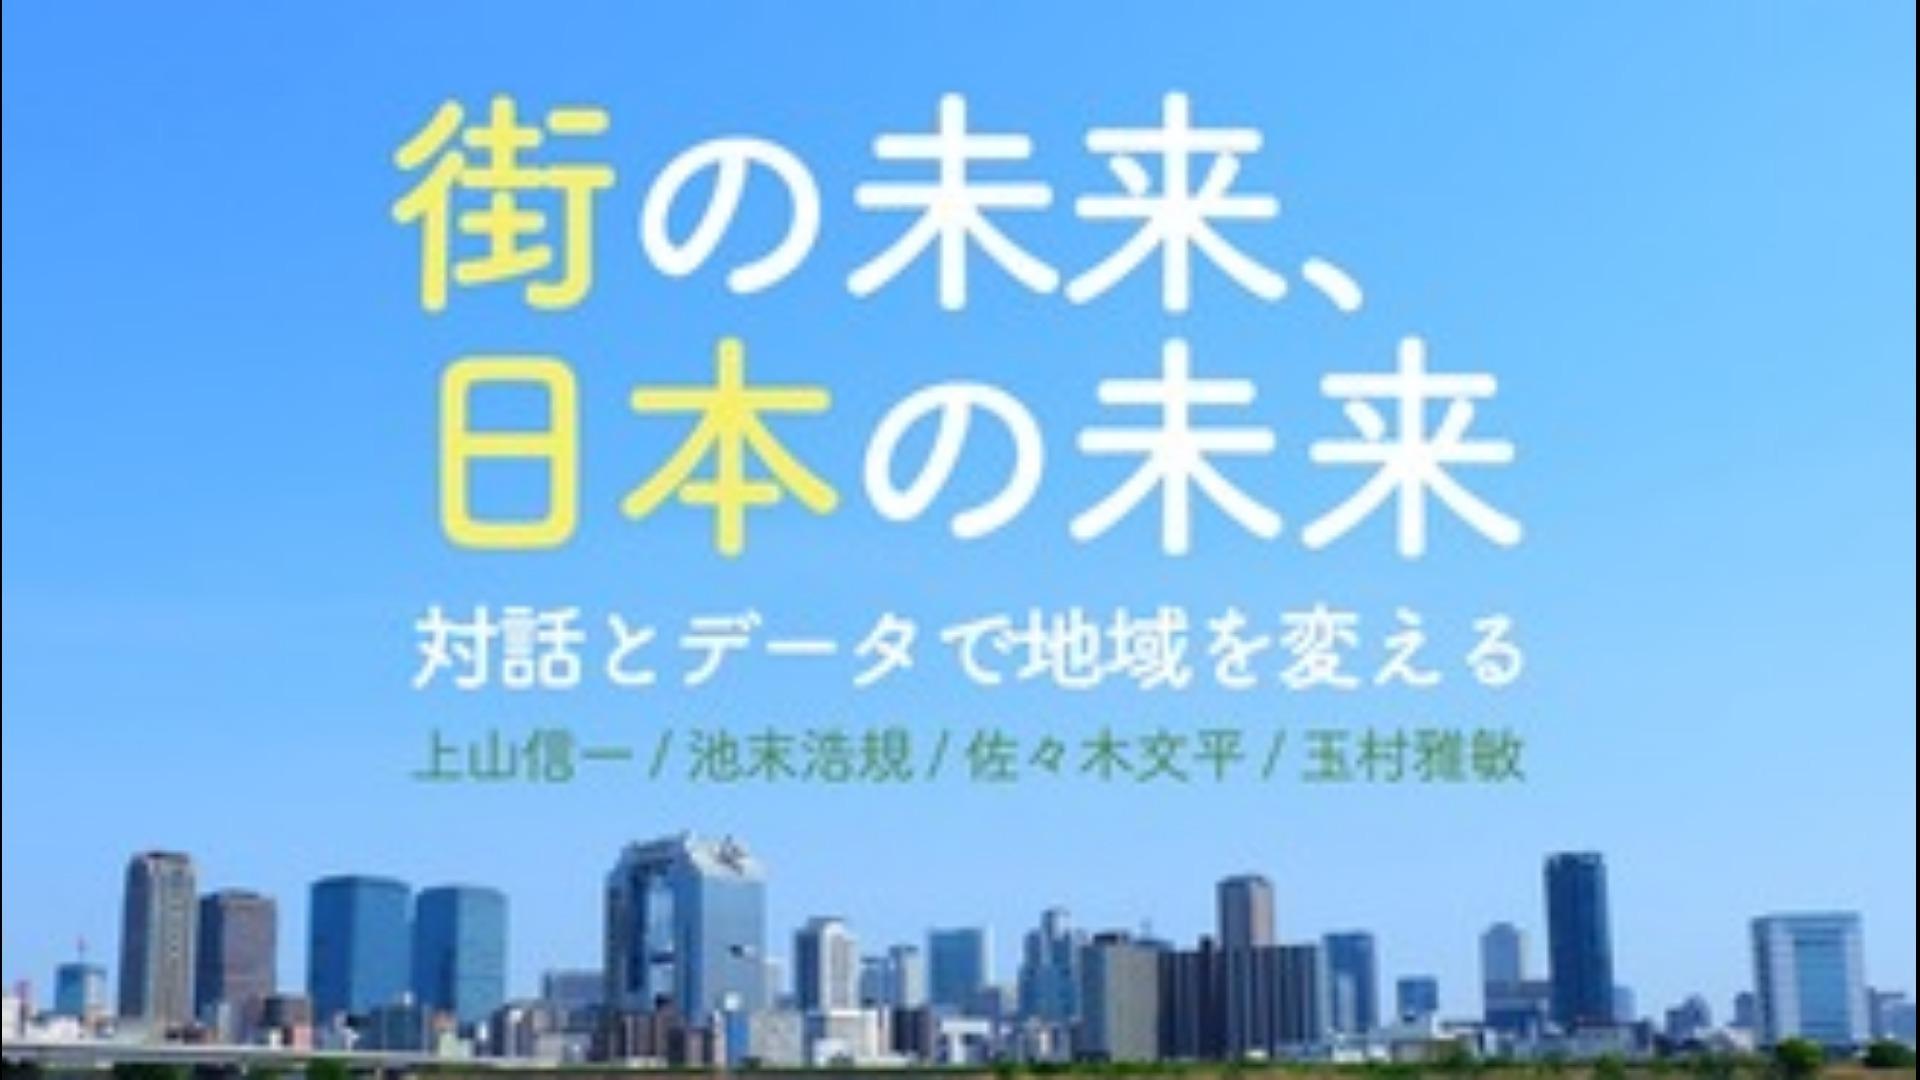 新潟市の15市町村の合併と政令指定都市化(前新潟市長に伺う)